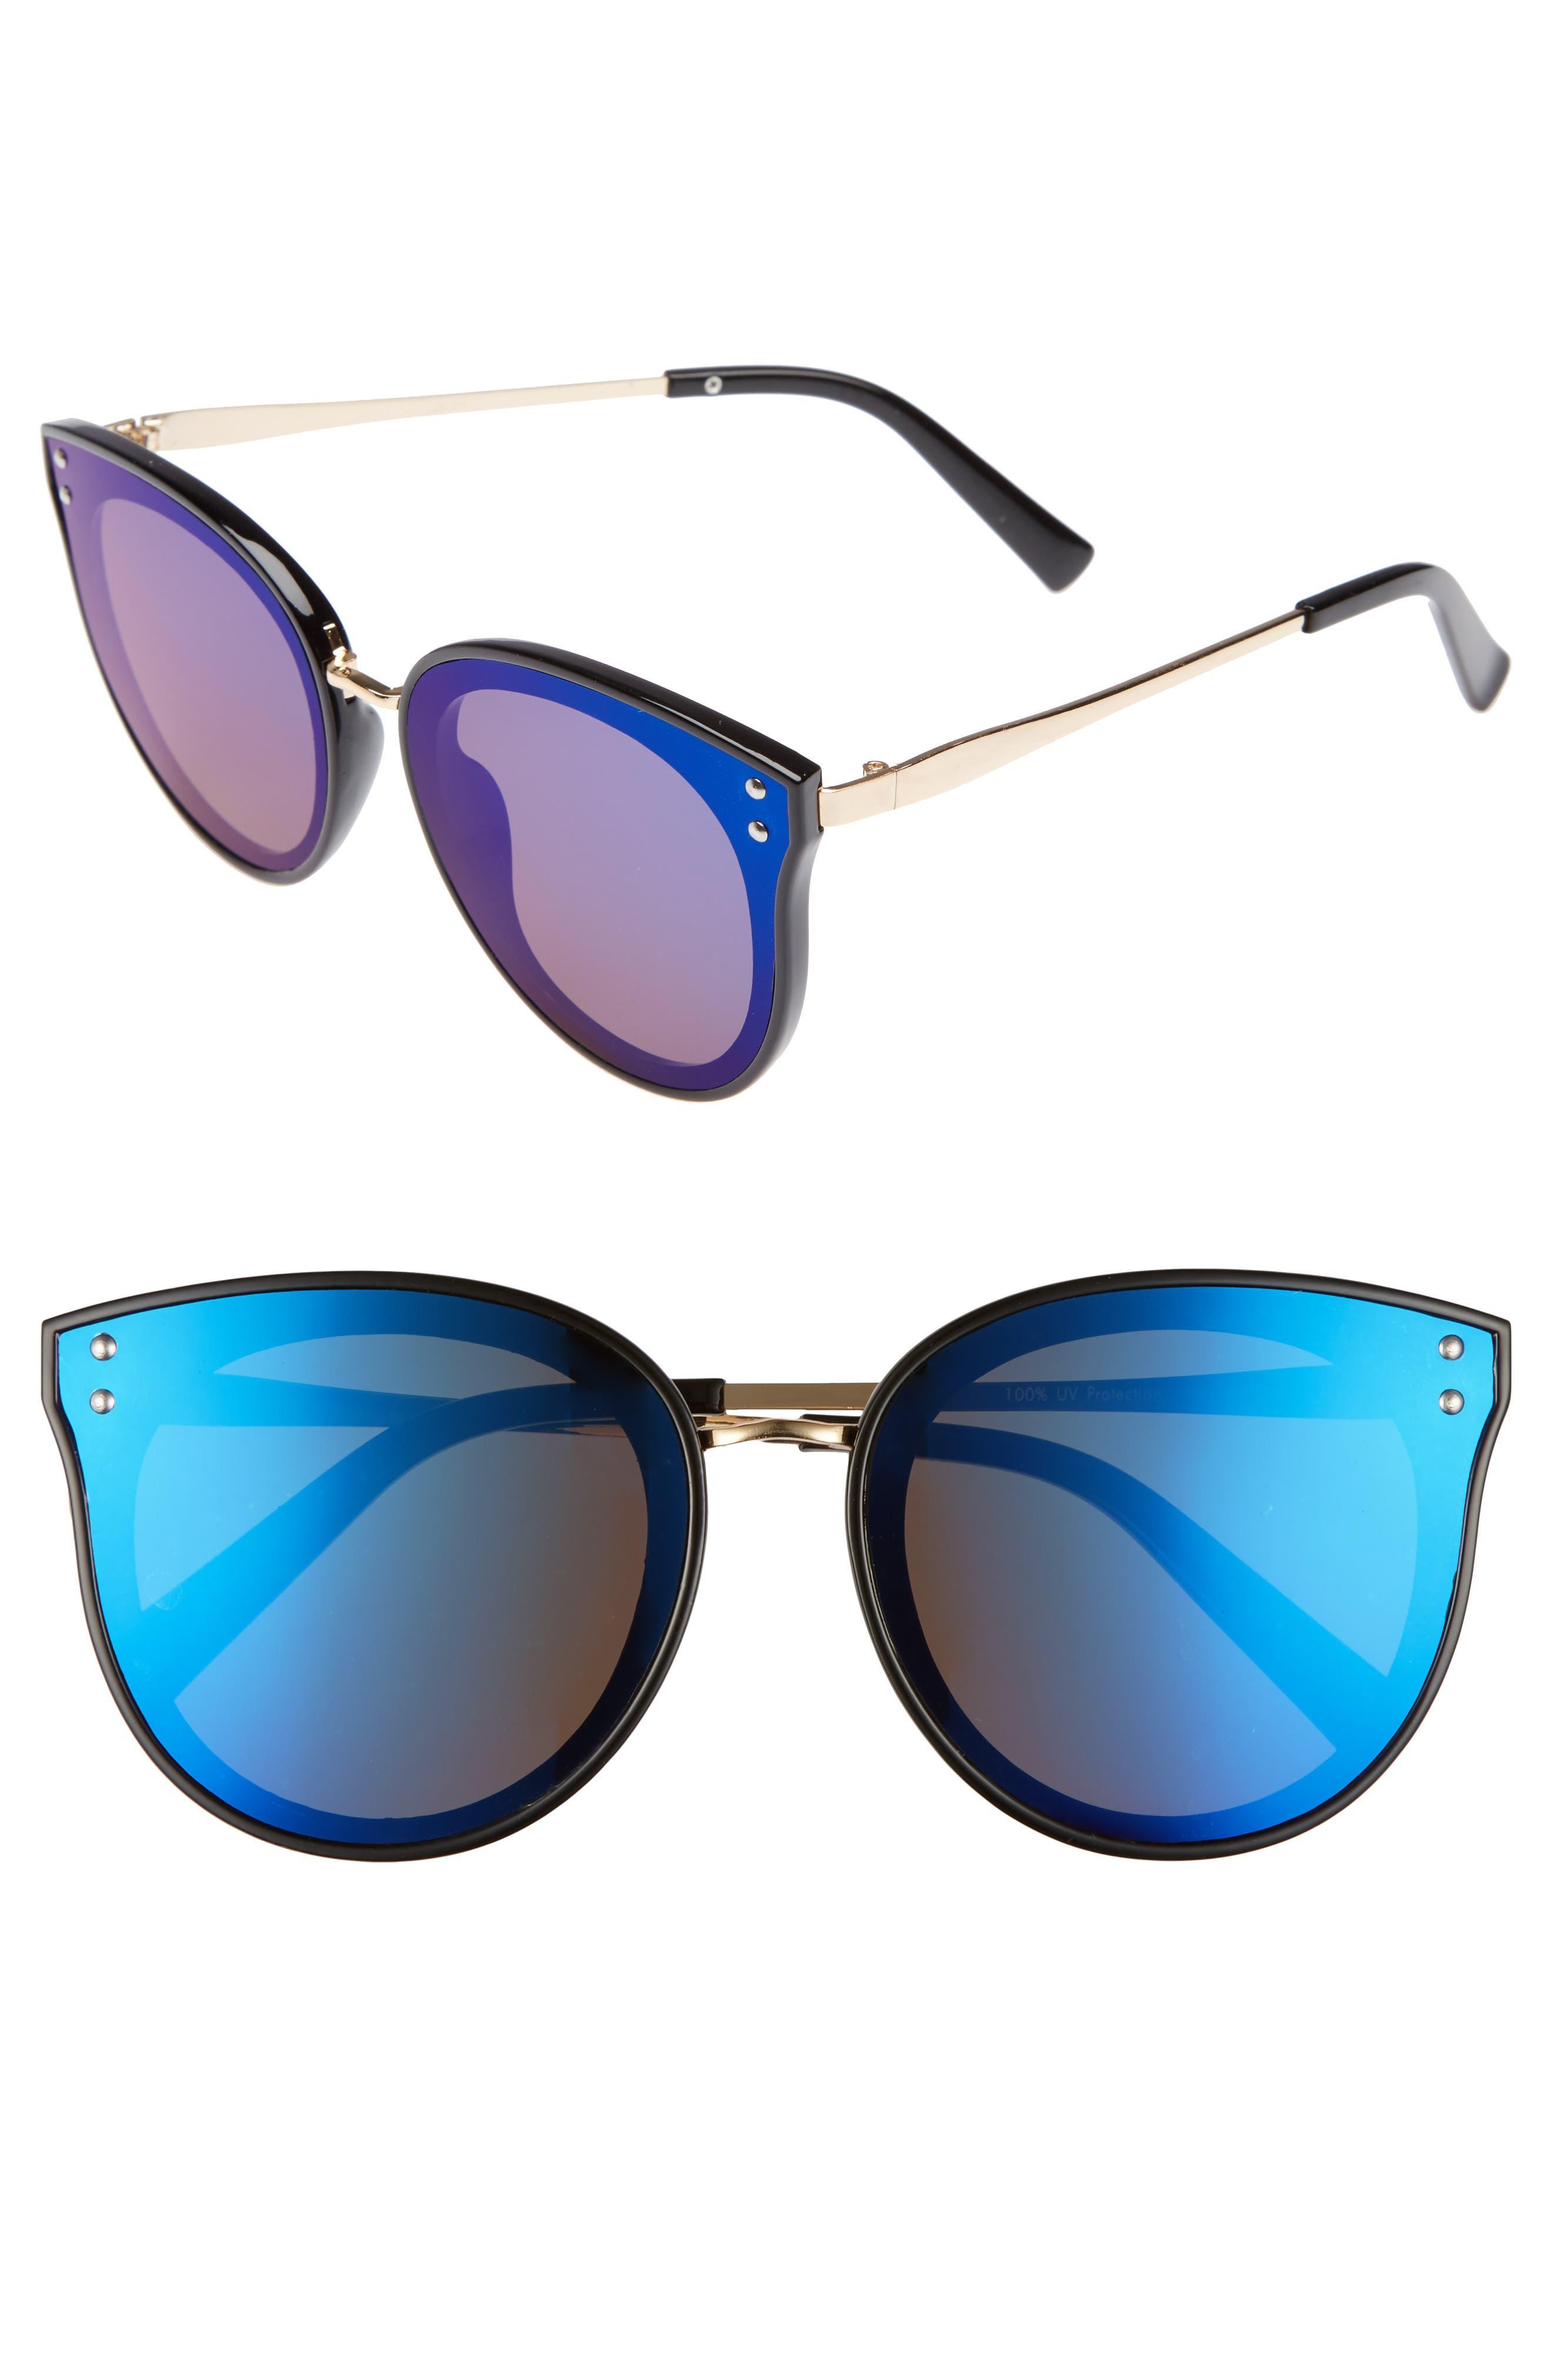 Main Image - BP. 51mm Round Sunglasses